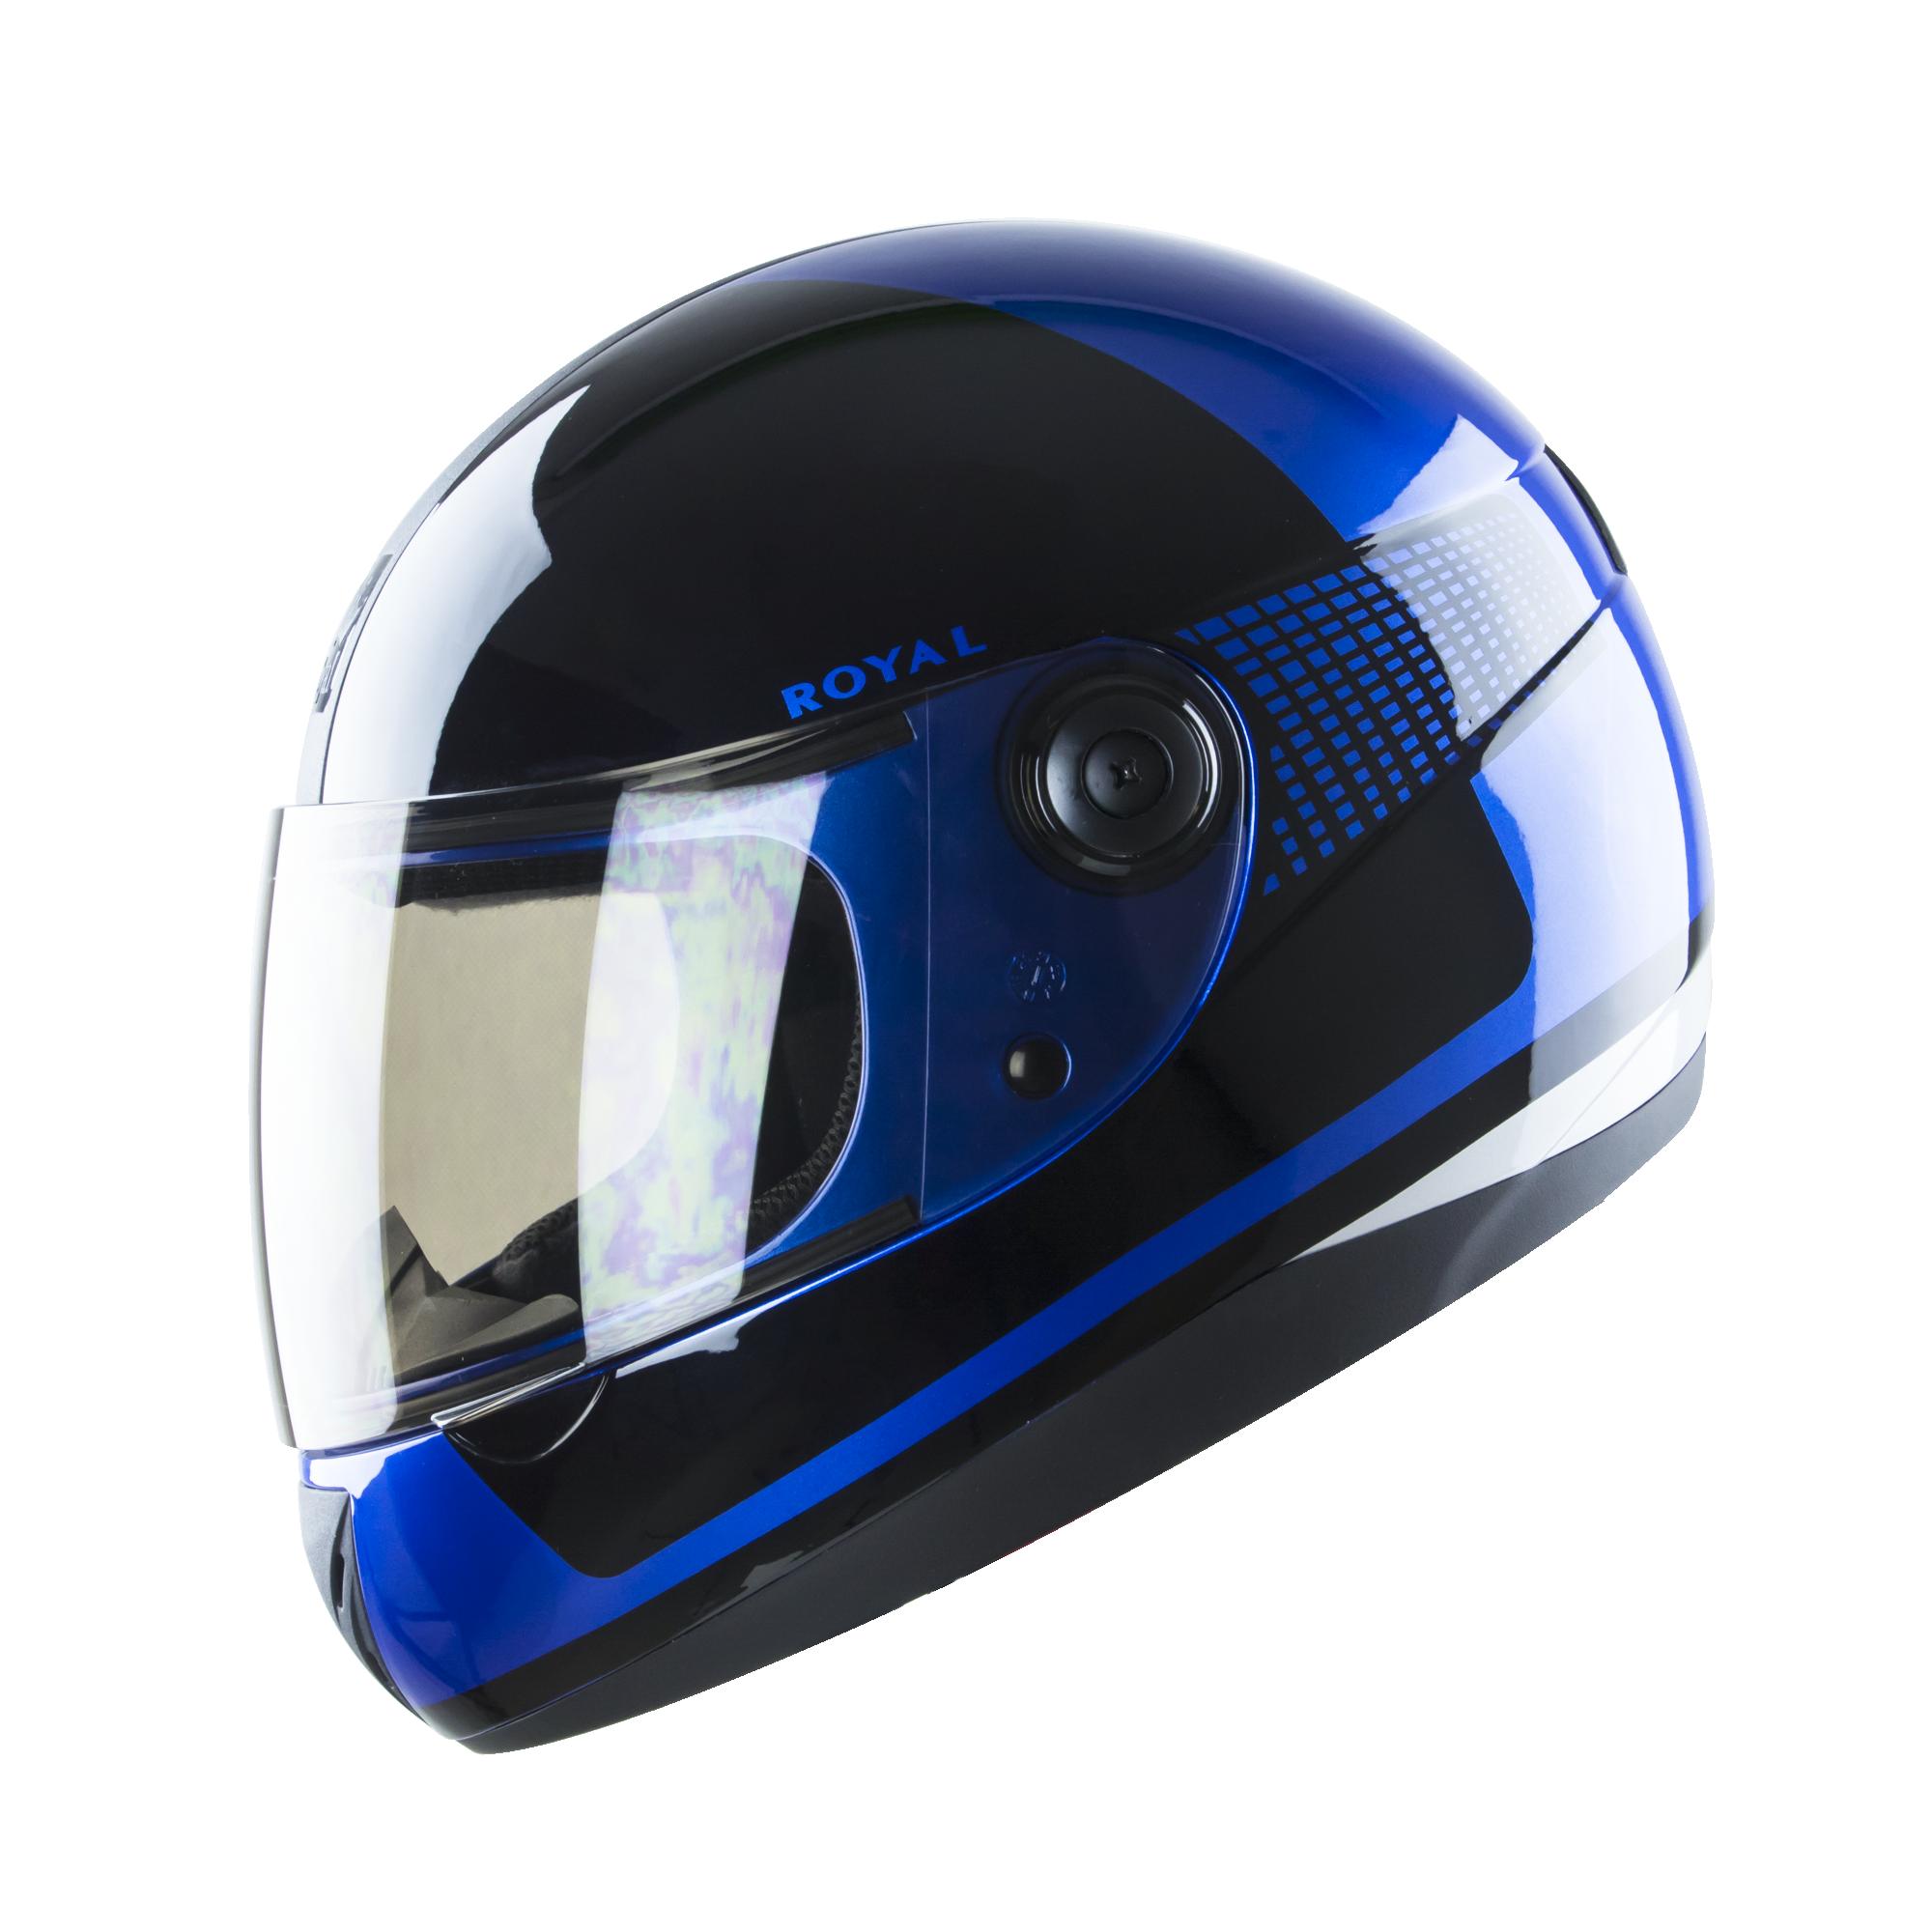 Royal M02 V.1 xanh đen bóng